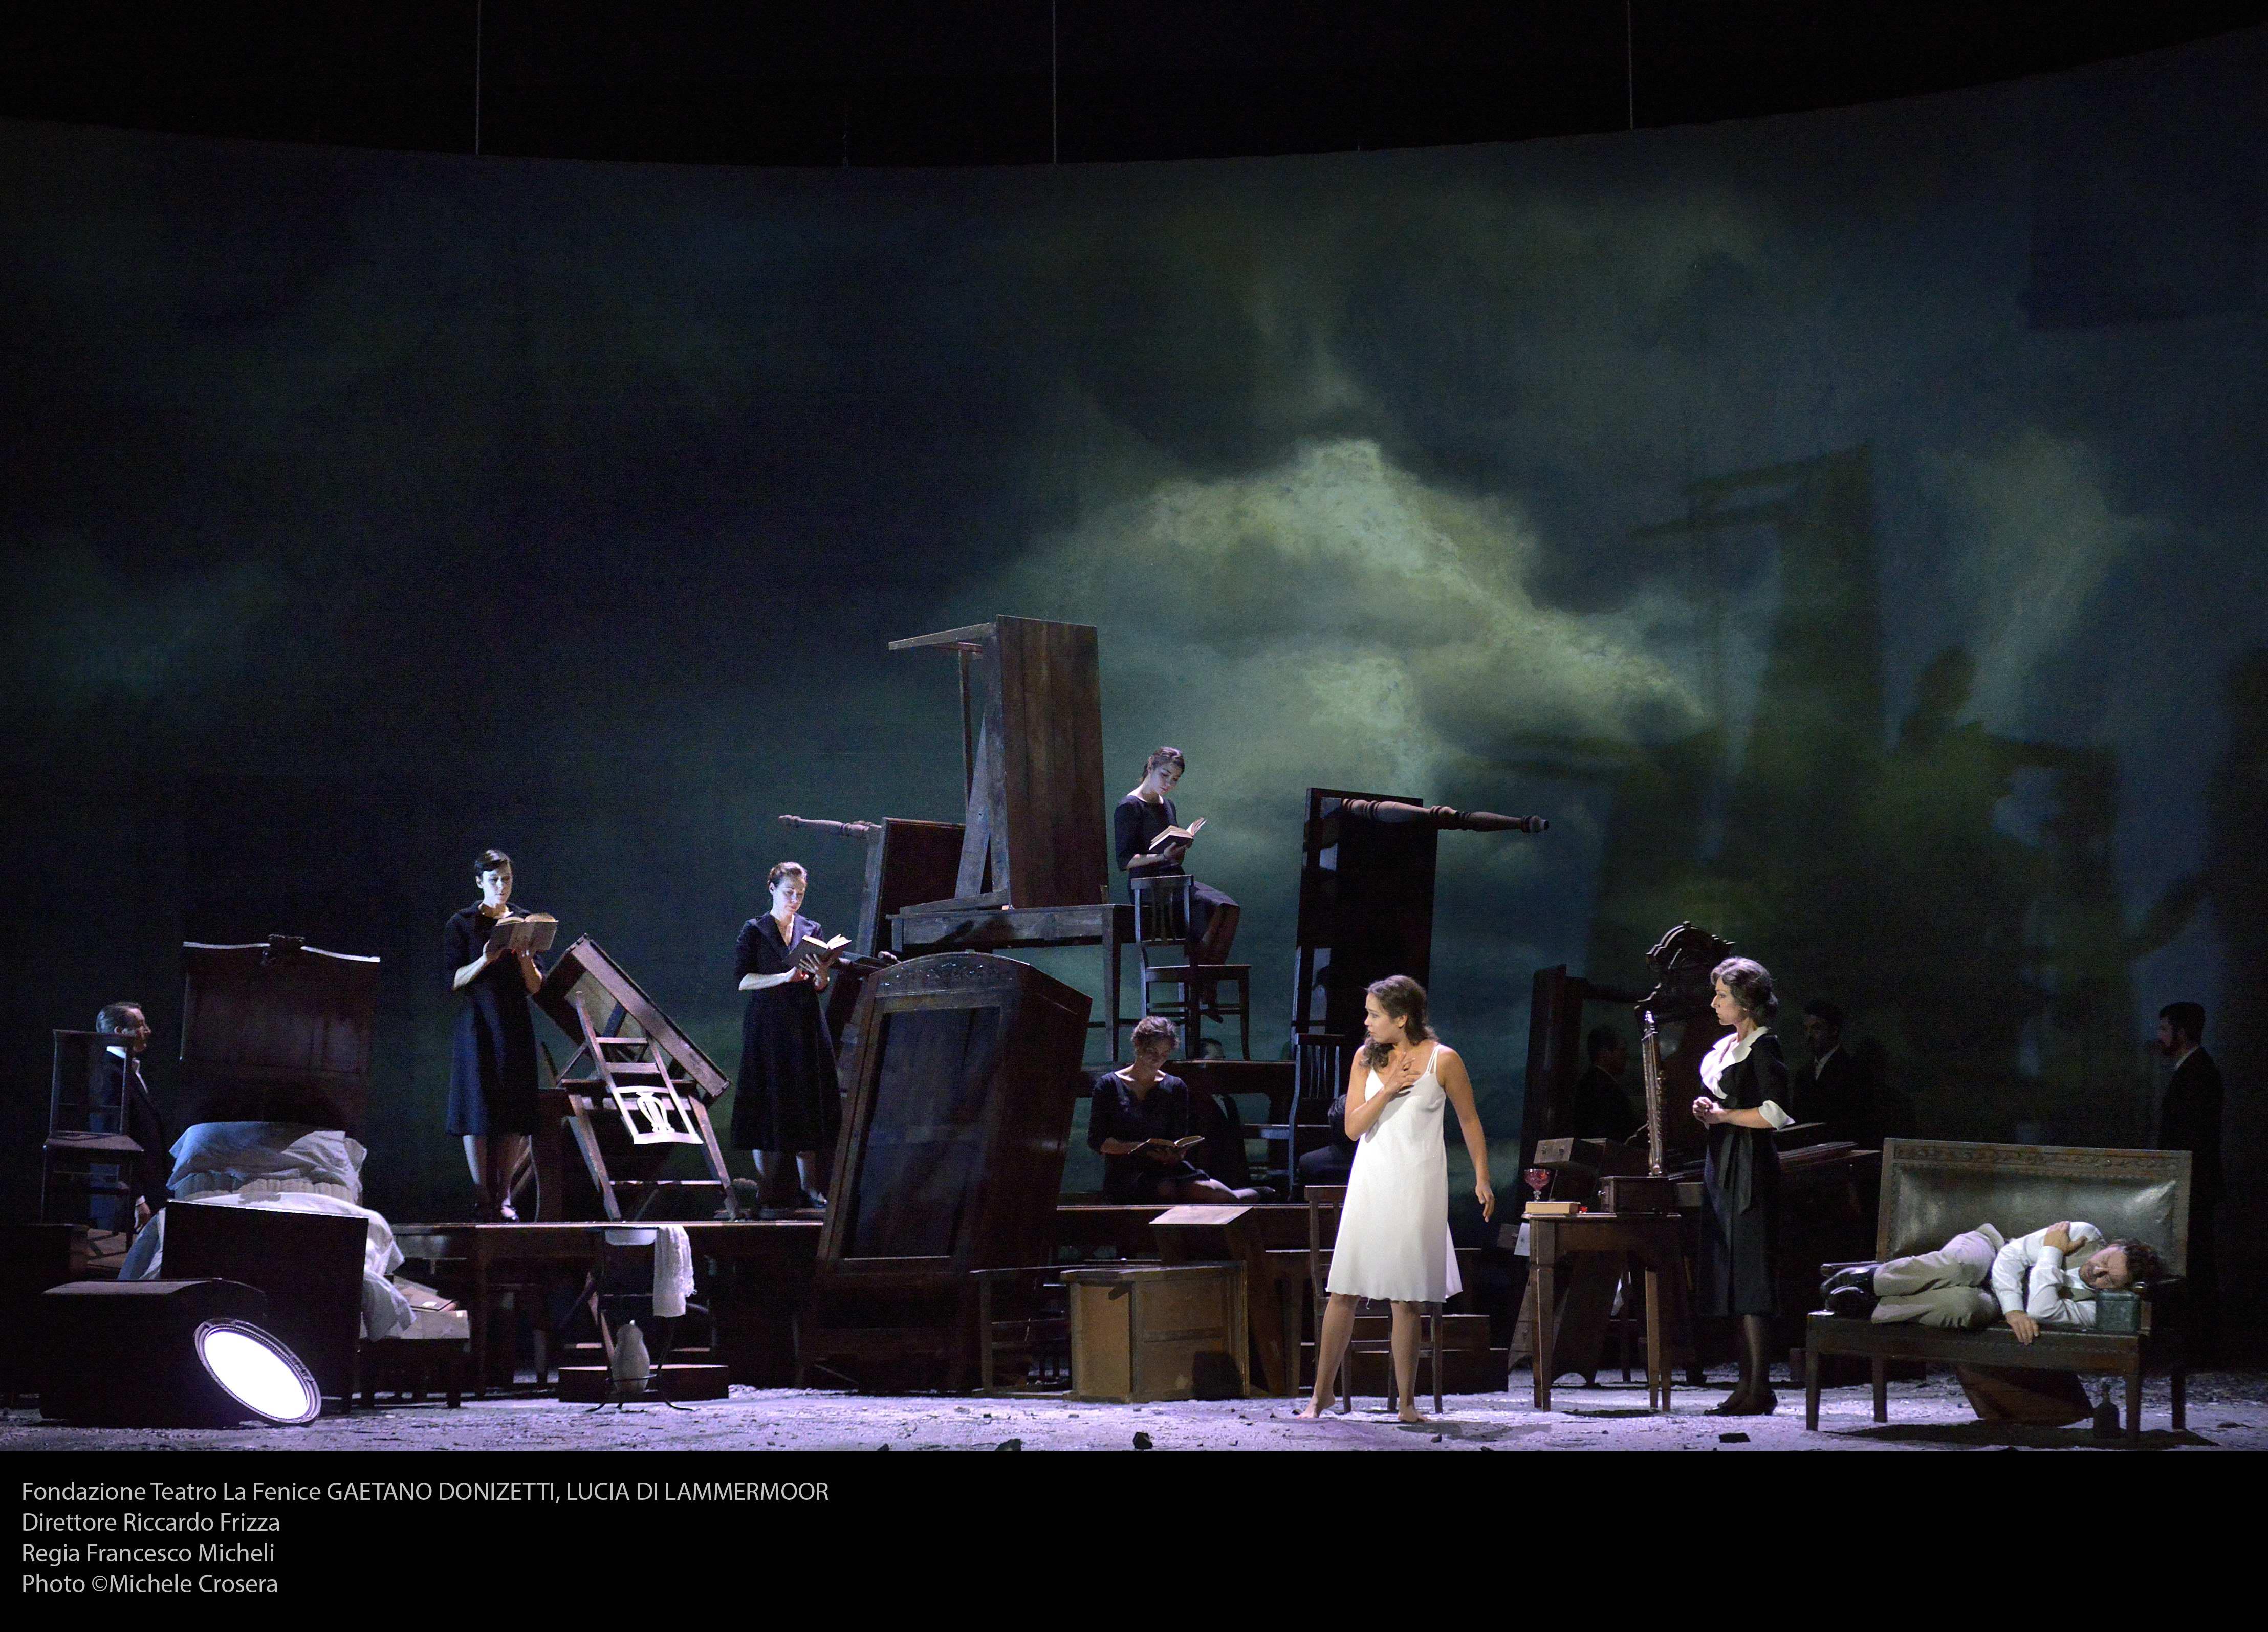 Lucia di Lammeroor in scena al Teatro La Fenice di Venezia. Photo ©Michele Crosera